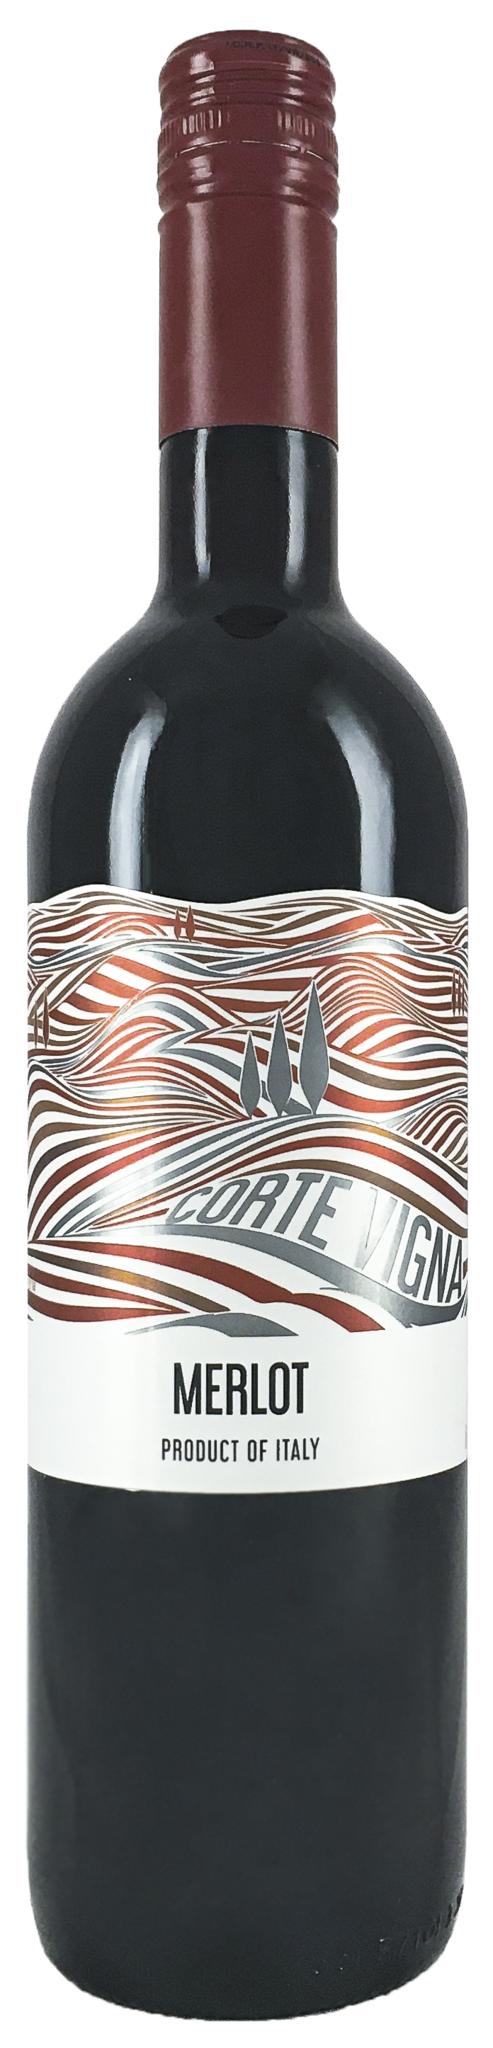 Вино Корте Винья Мерло красное сух. столовое 0,75л